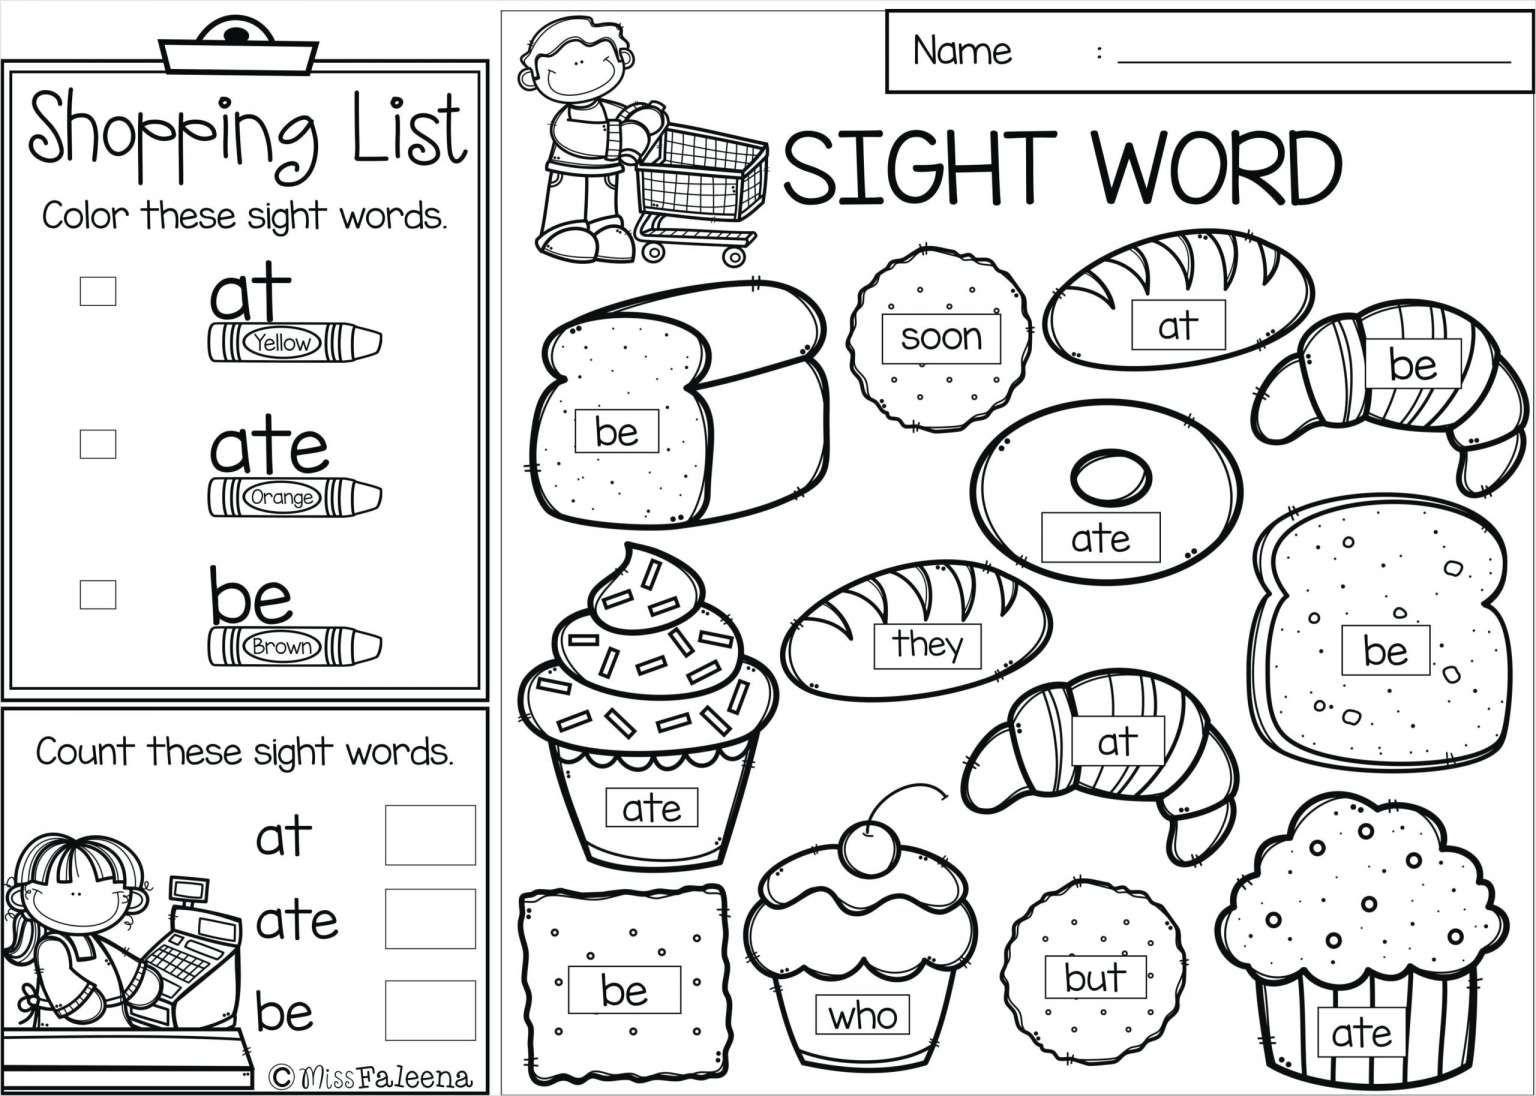 Worksheet On Myself For Kindergarten and Kindergarten Worksheets